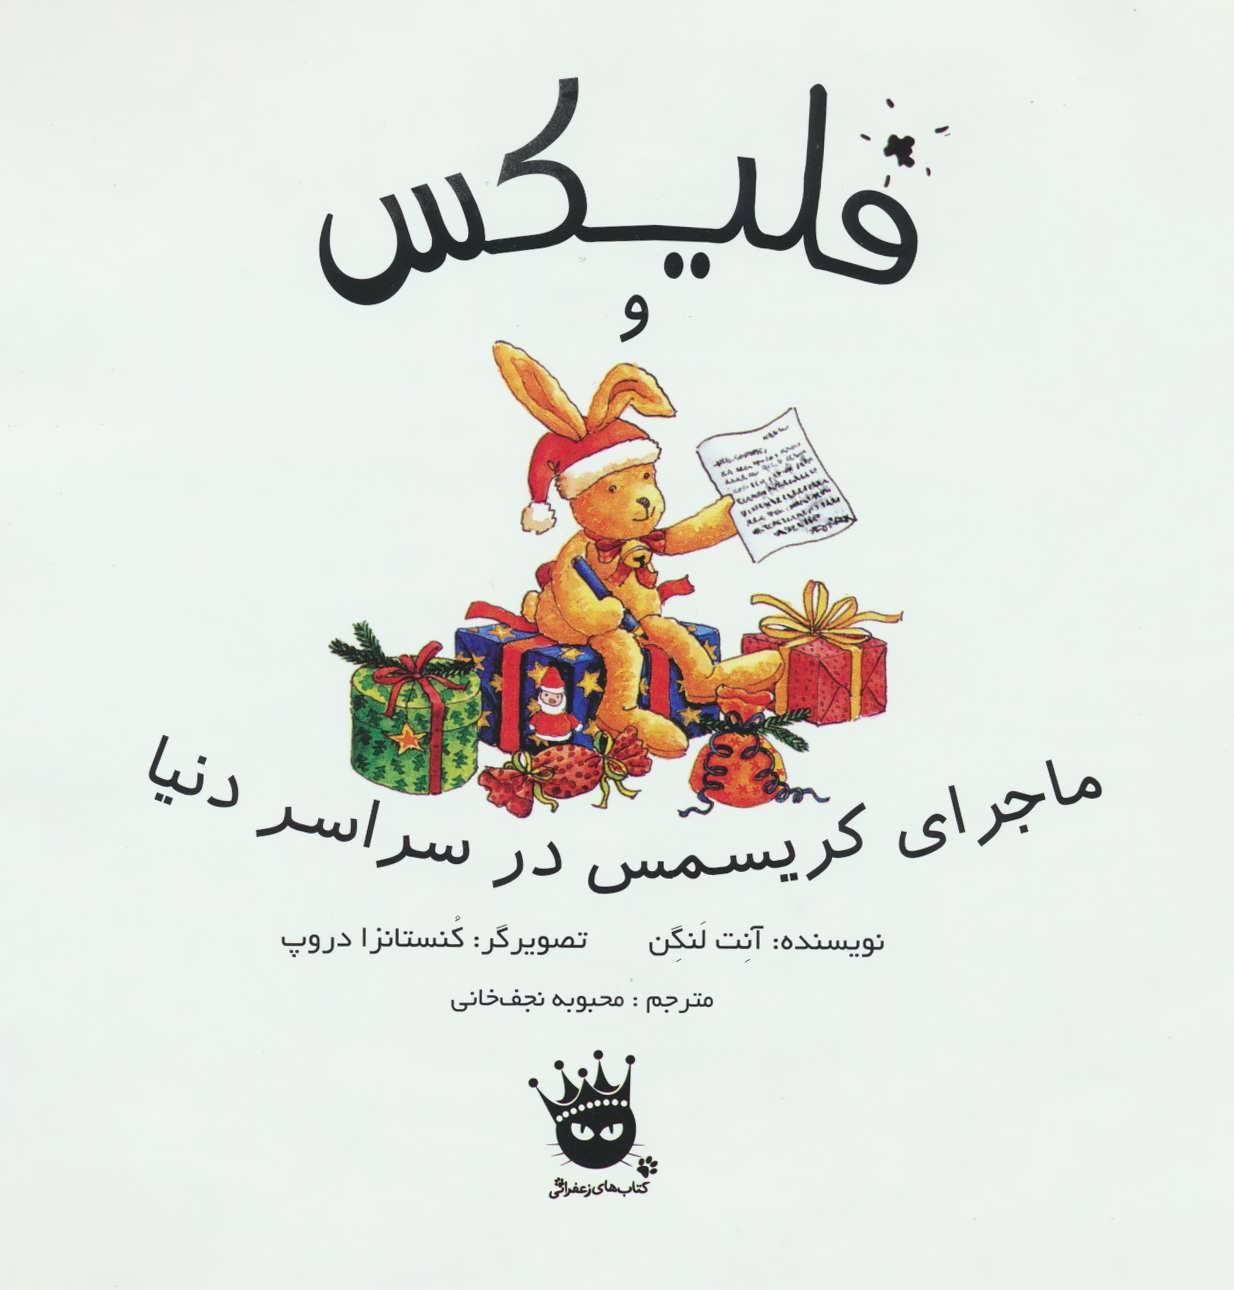 قصه های فلیکس 7 (فلیکس و ماجرای کریسمس در سراسر دنیا)،(گلاسه)